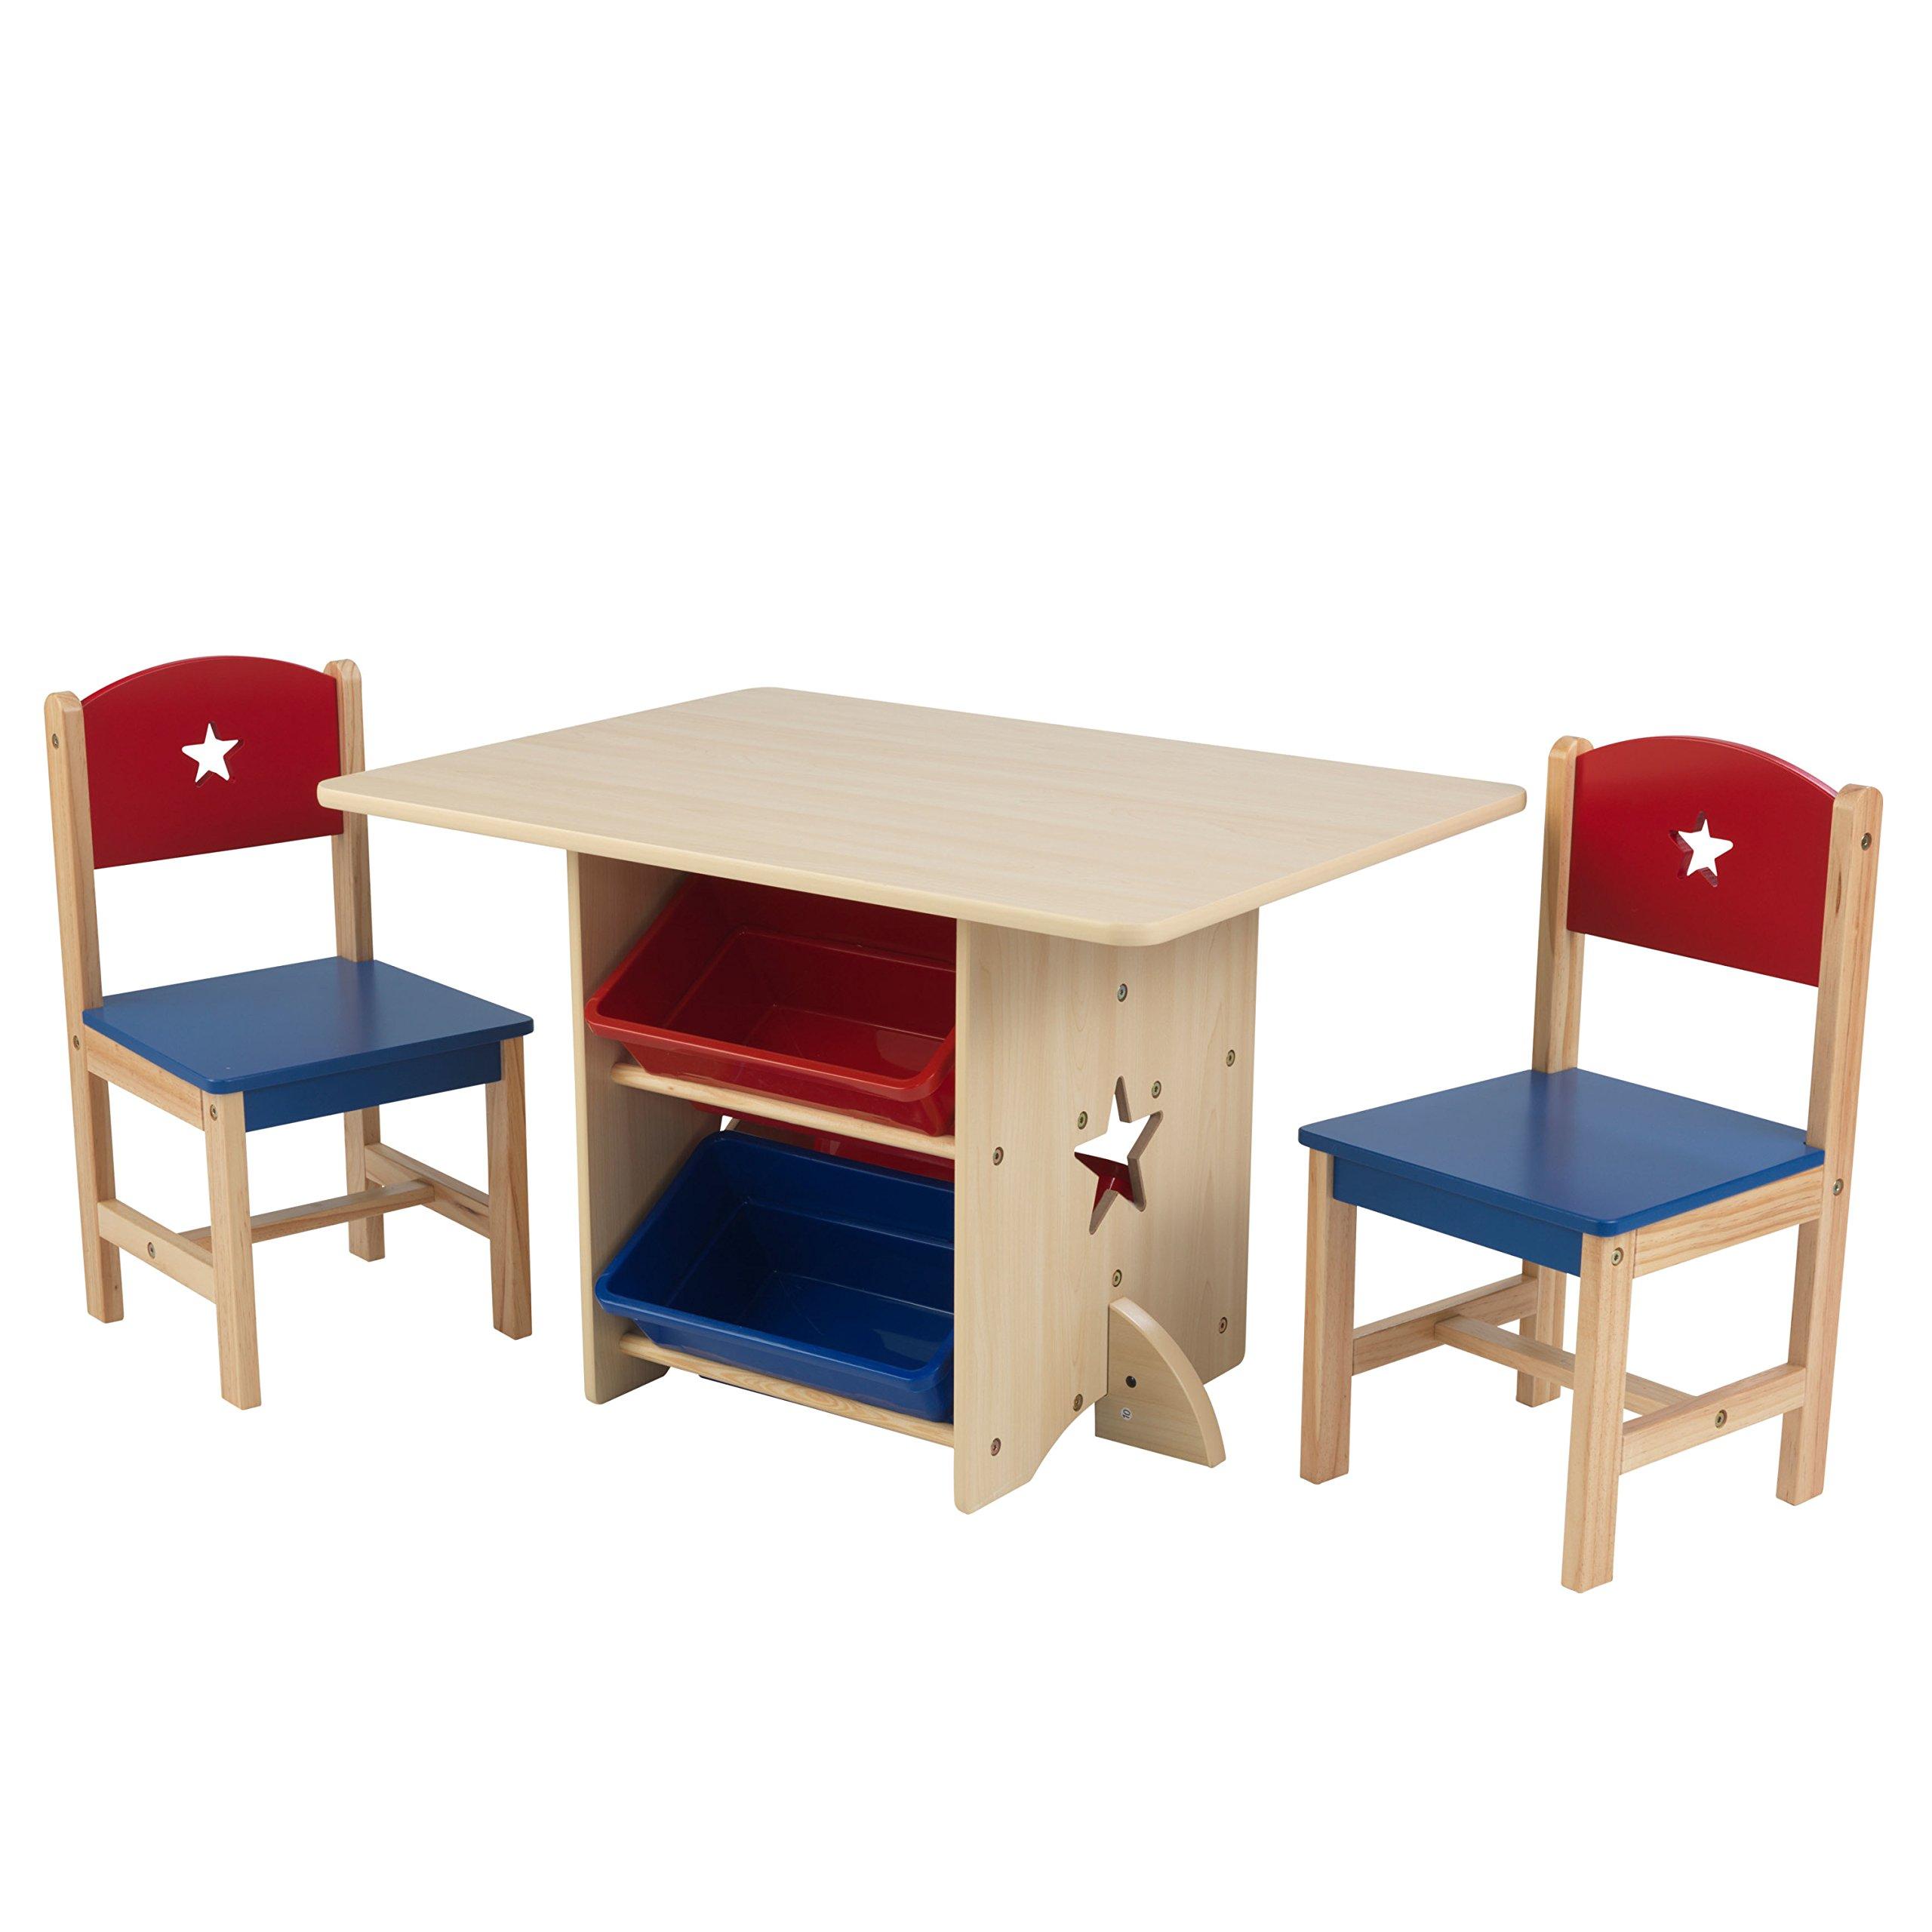 KidKraft 26912 Set Tavolo con 2 Sedie Stella in Legno con Contenitori,  Mobili per Camera da Letto e Sala Giochi per Bambini - Rosso e Blu